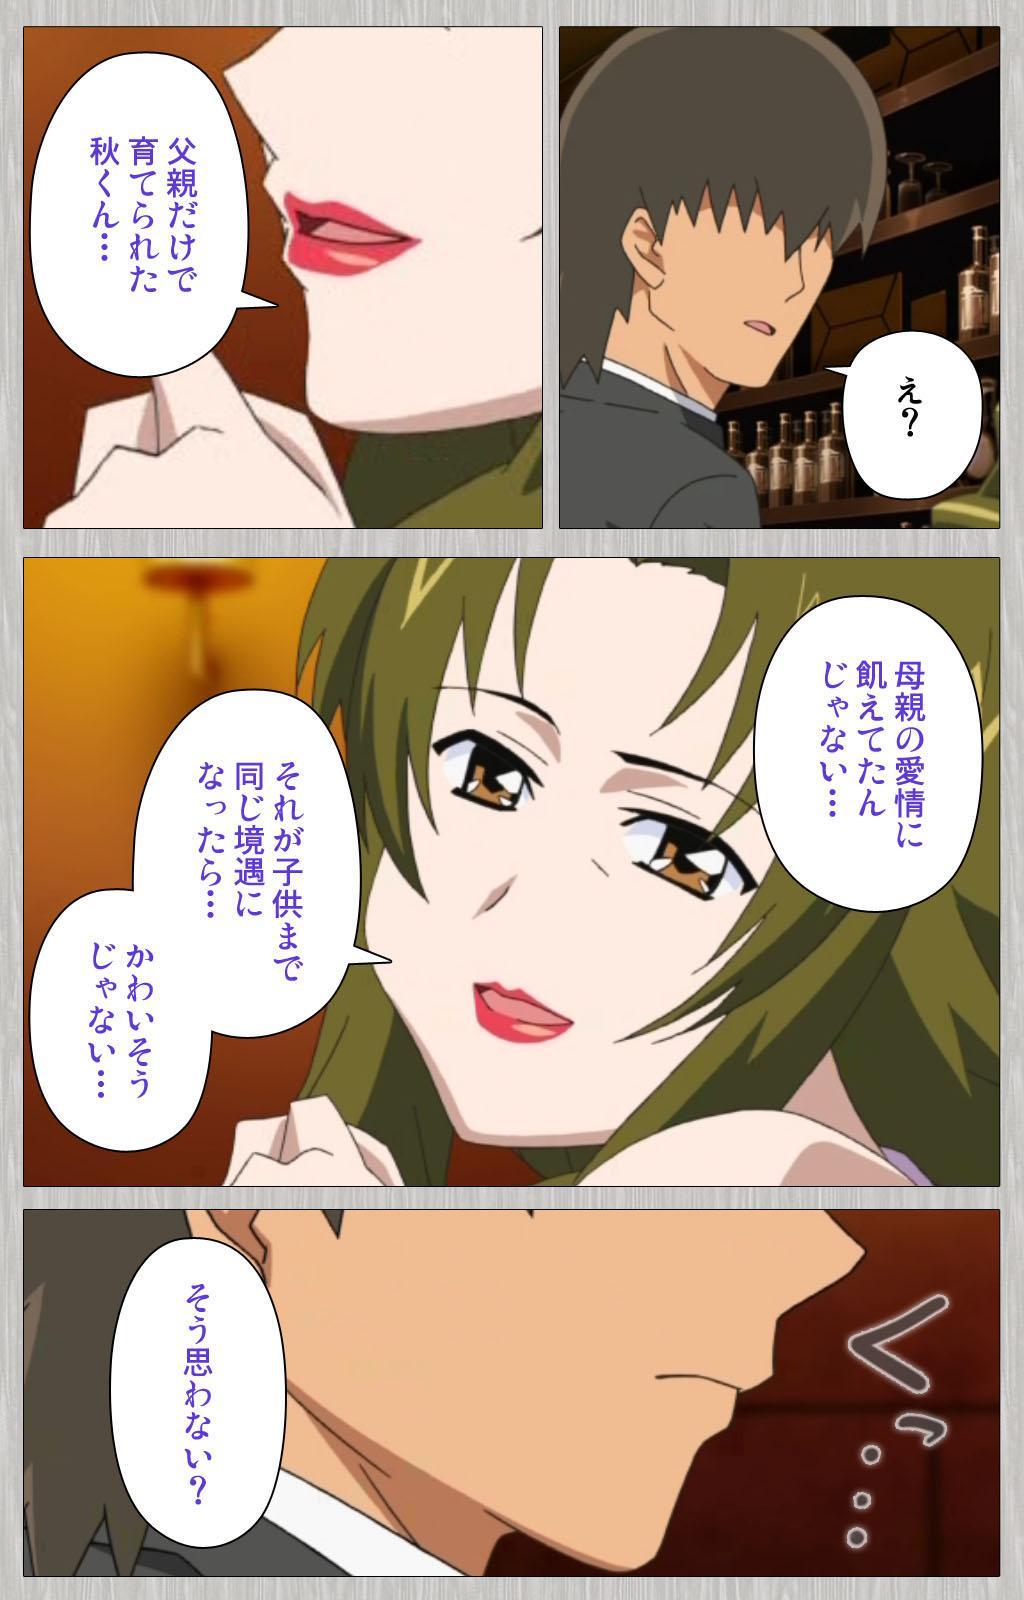 Tsuma no haha Sayuri Kanzenban 31